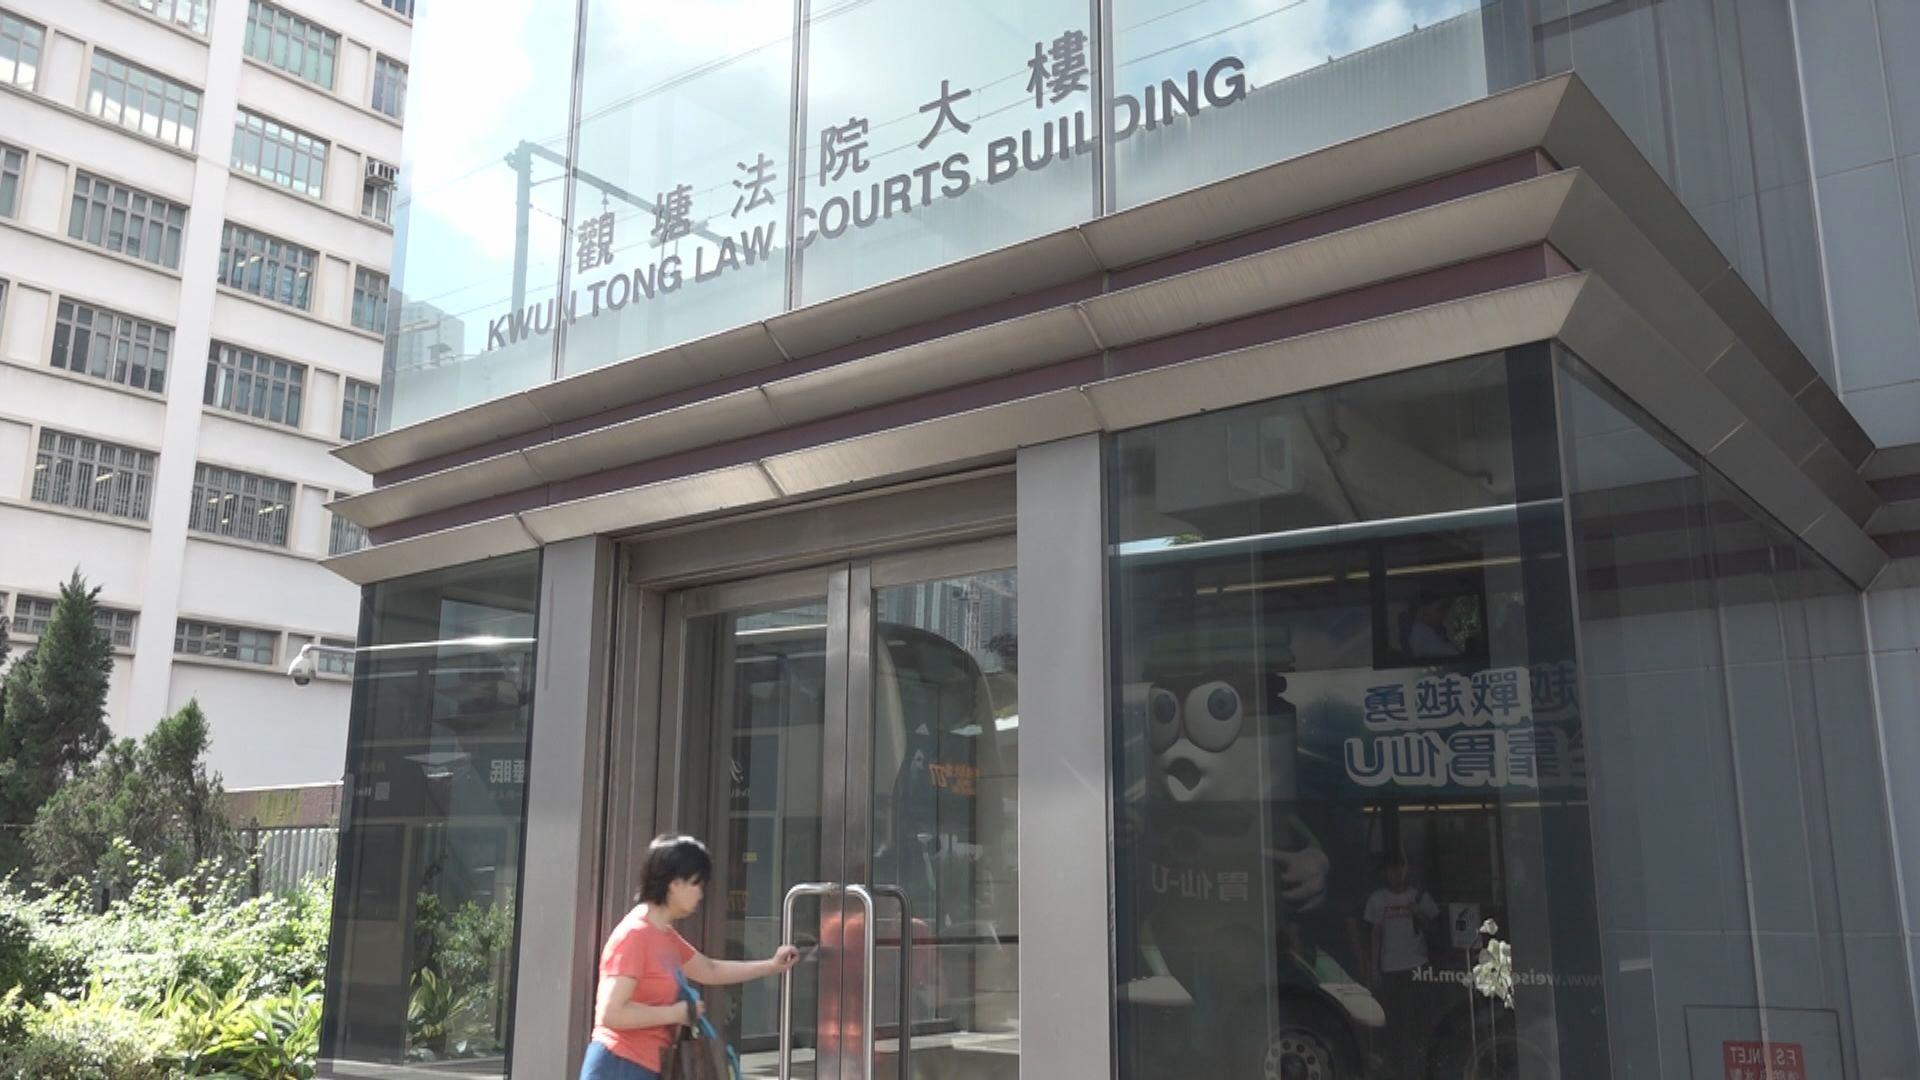 兩男被控周六於九龍灣參與暴動准保釋